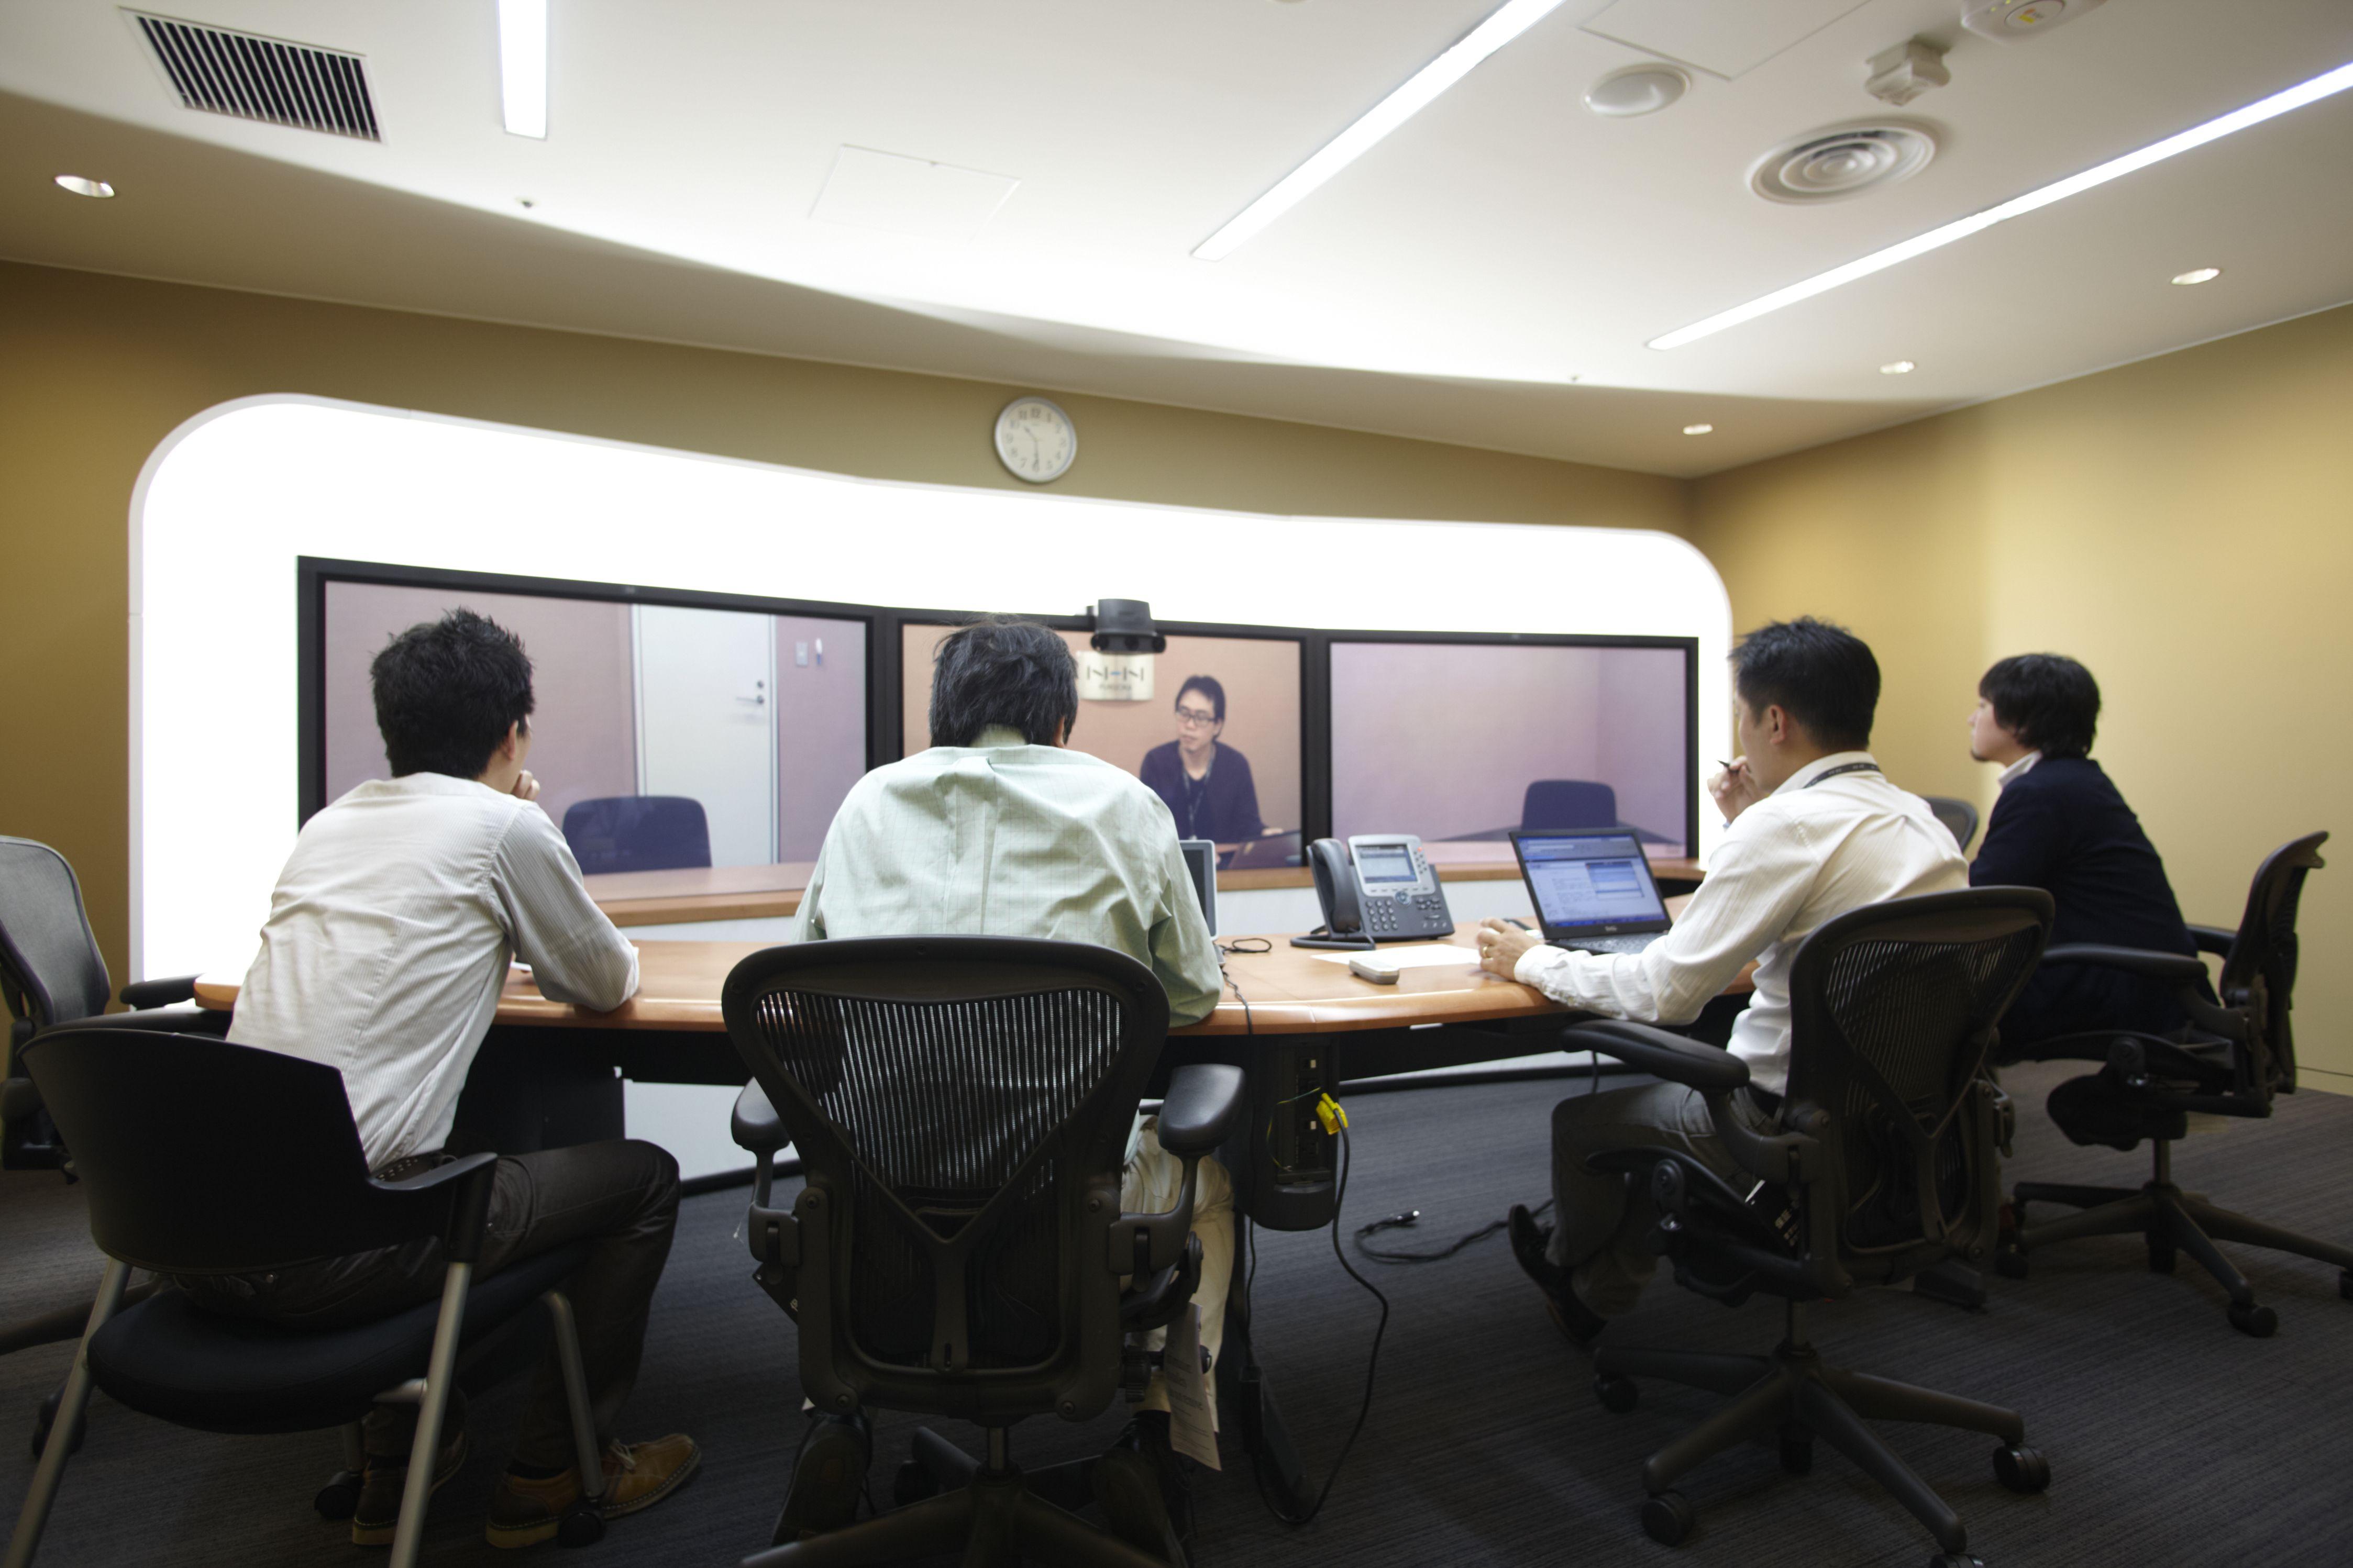 Комната для теле конференций